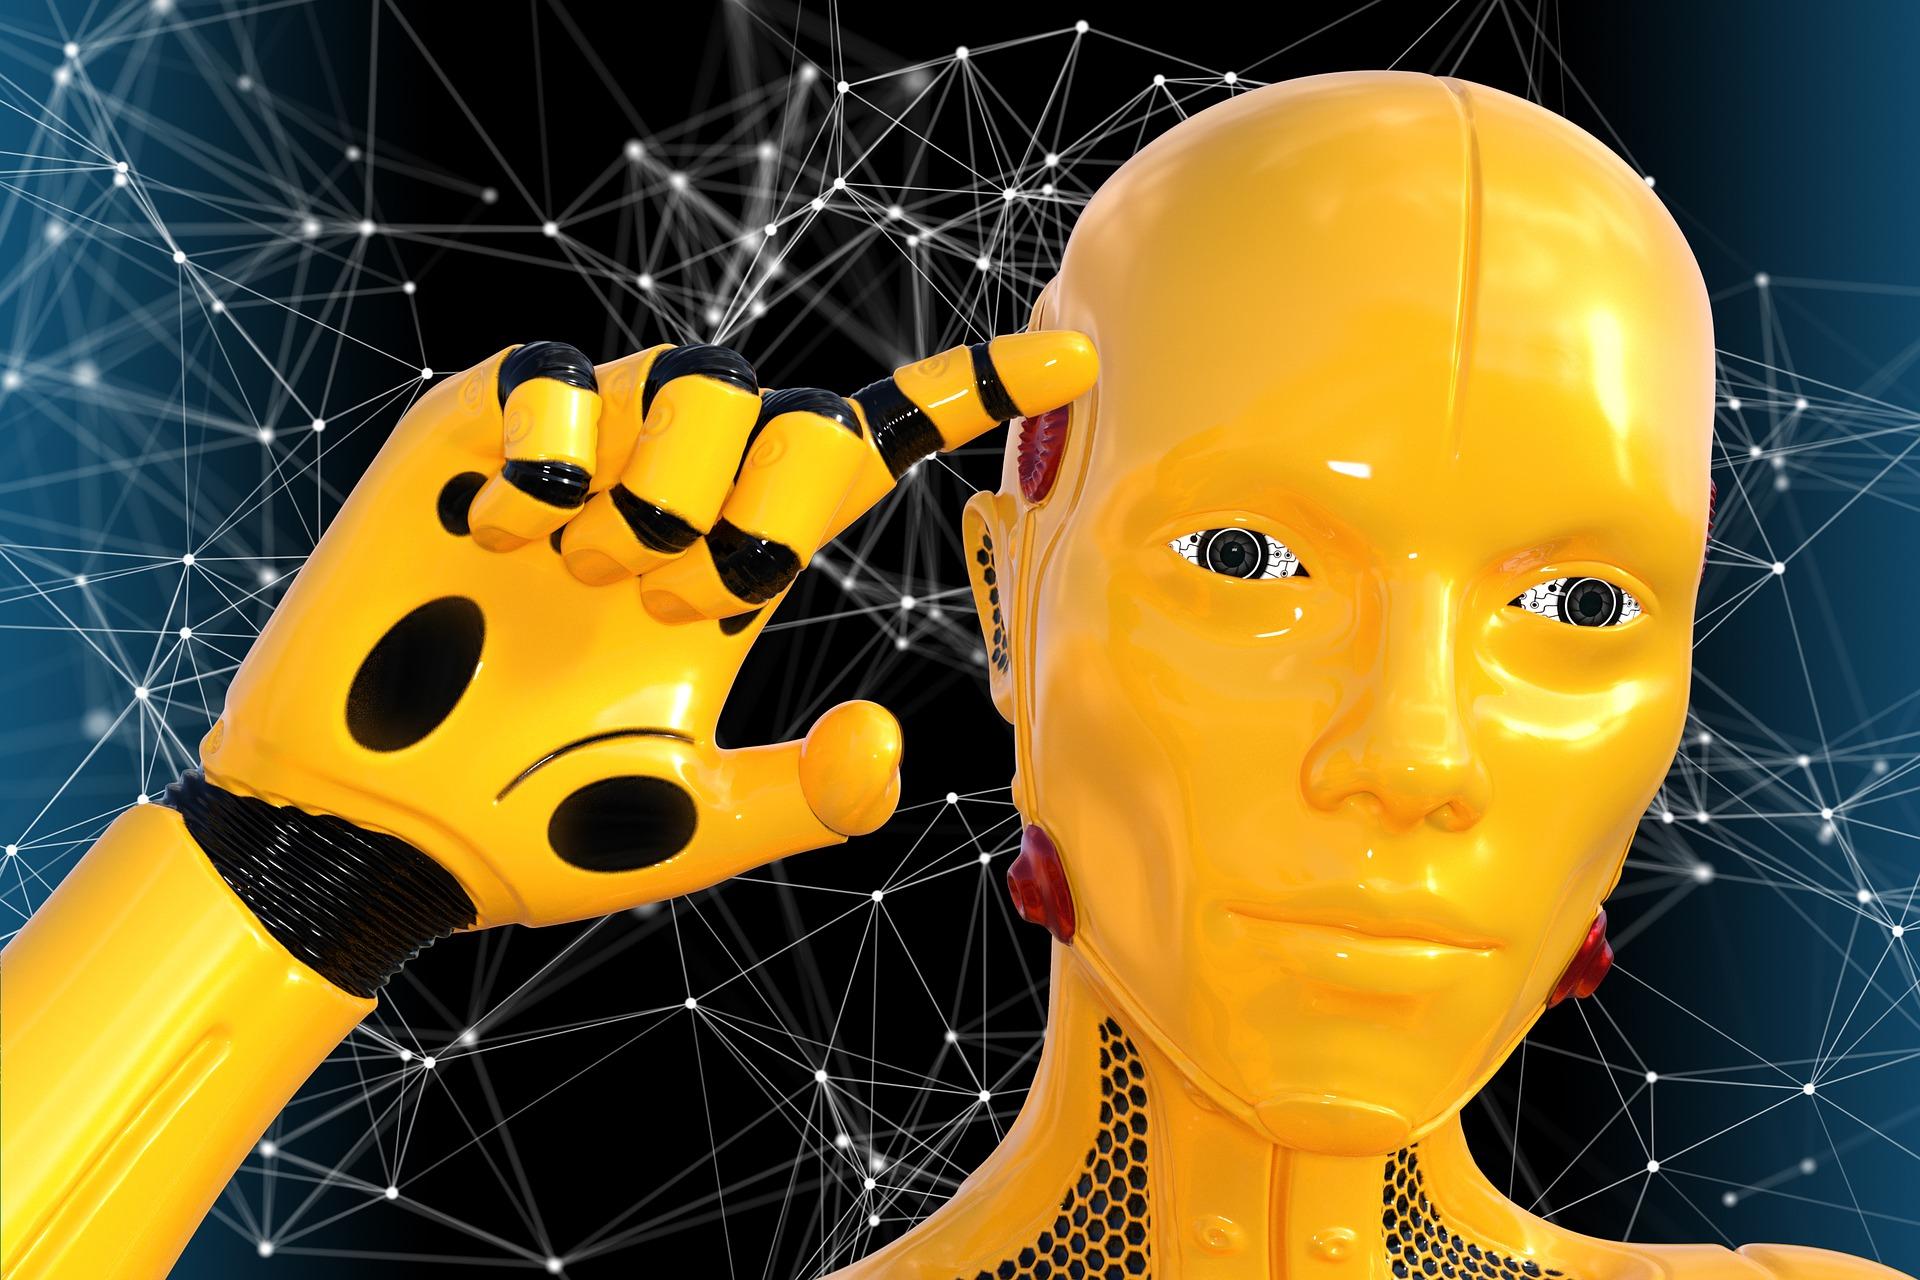 robot-3490522_1920